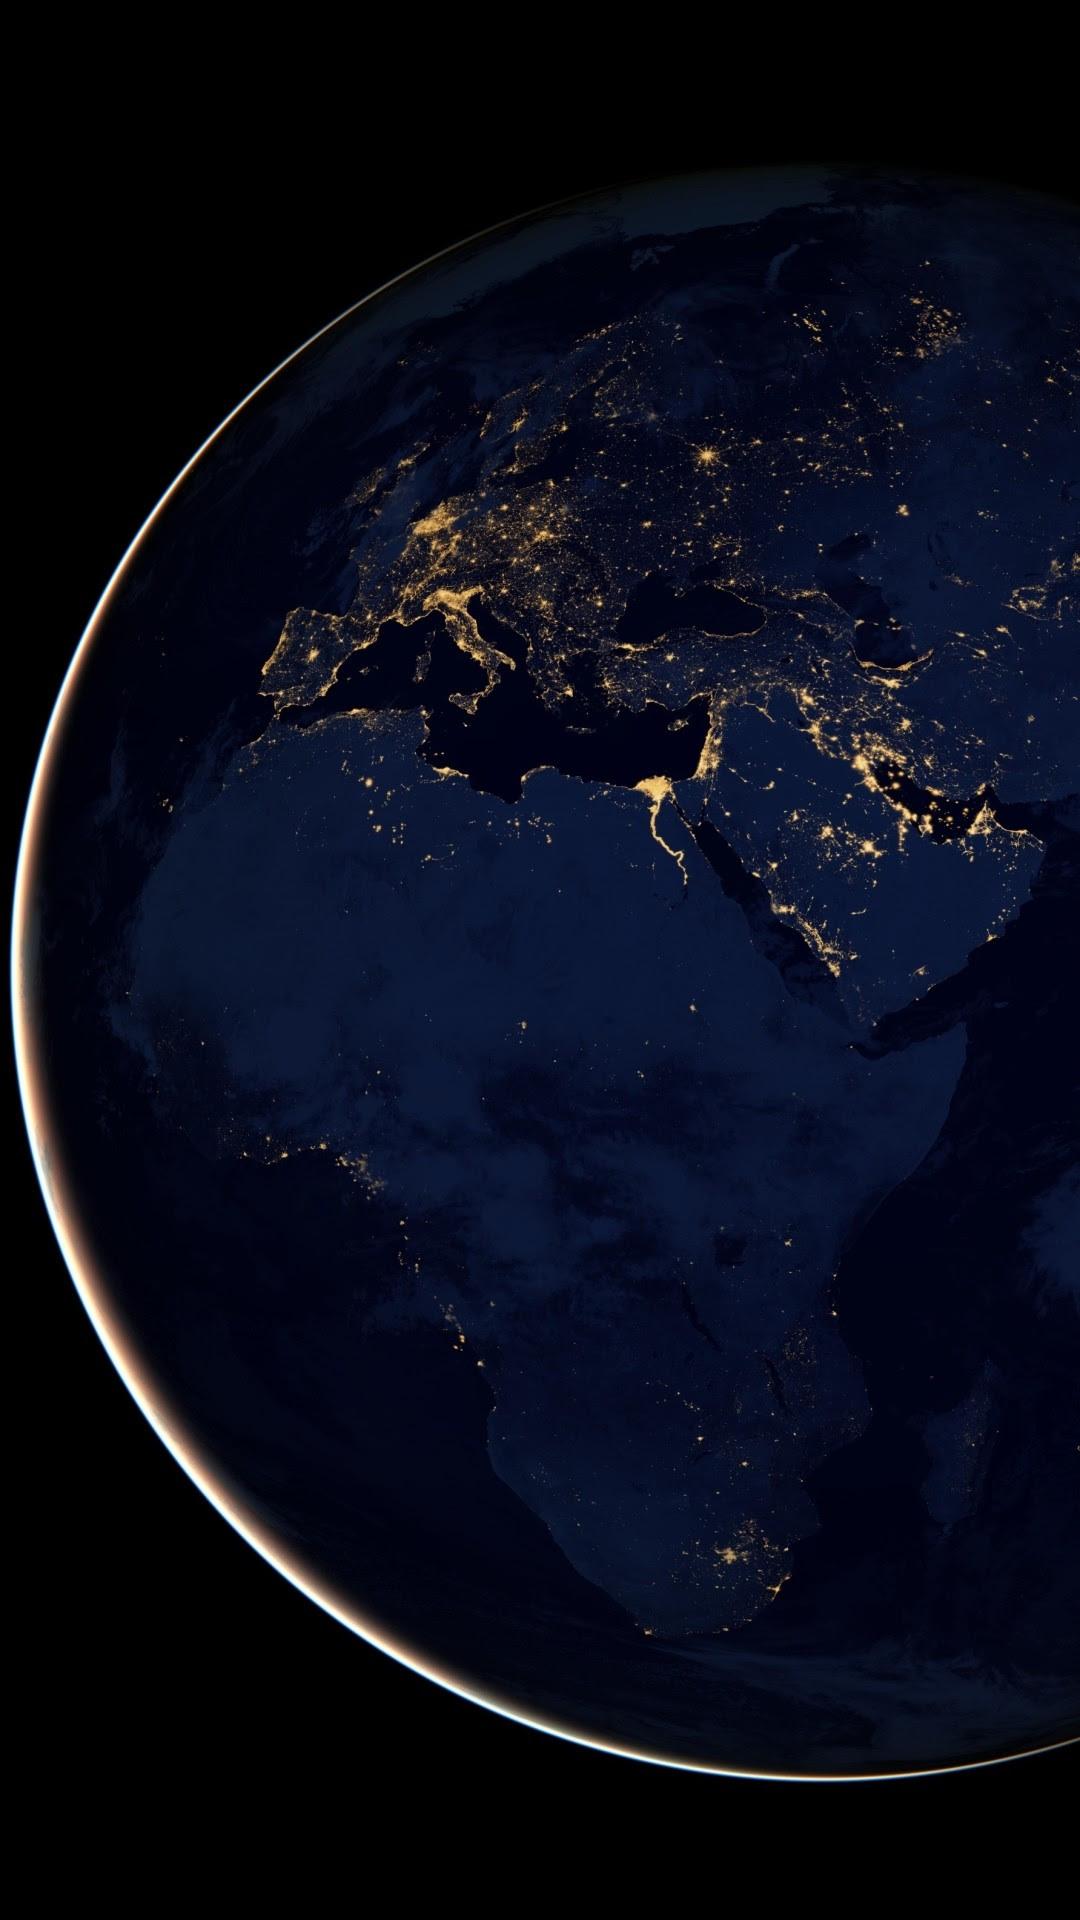 Original iPhone Earth Wallpaper (74+ images)